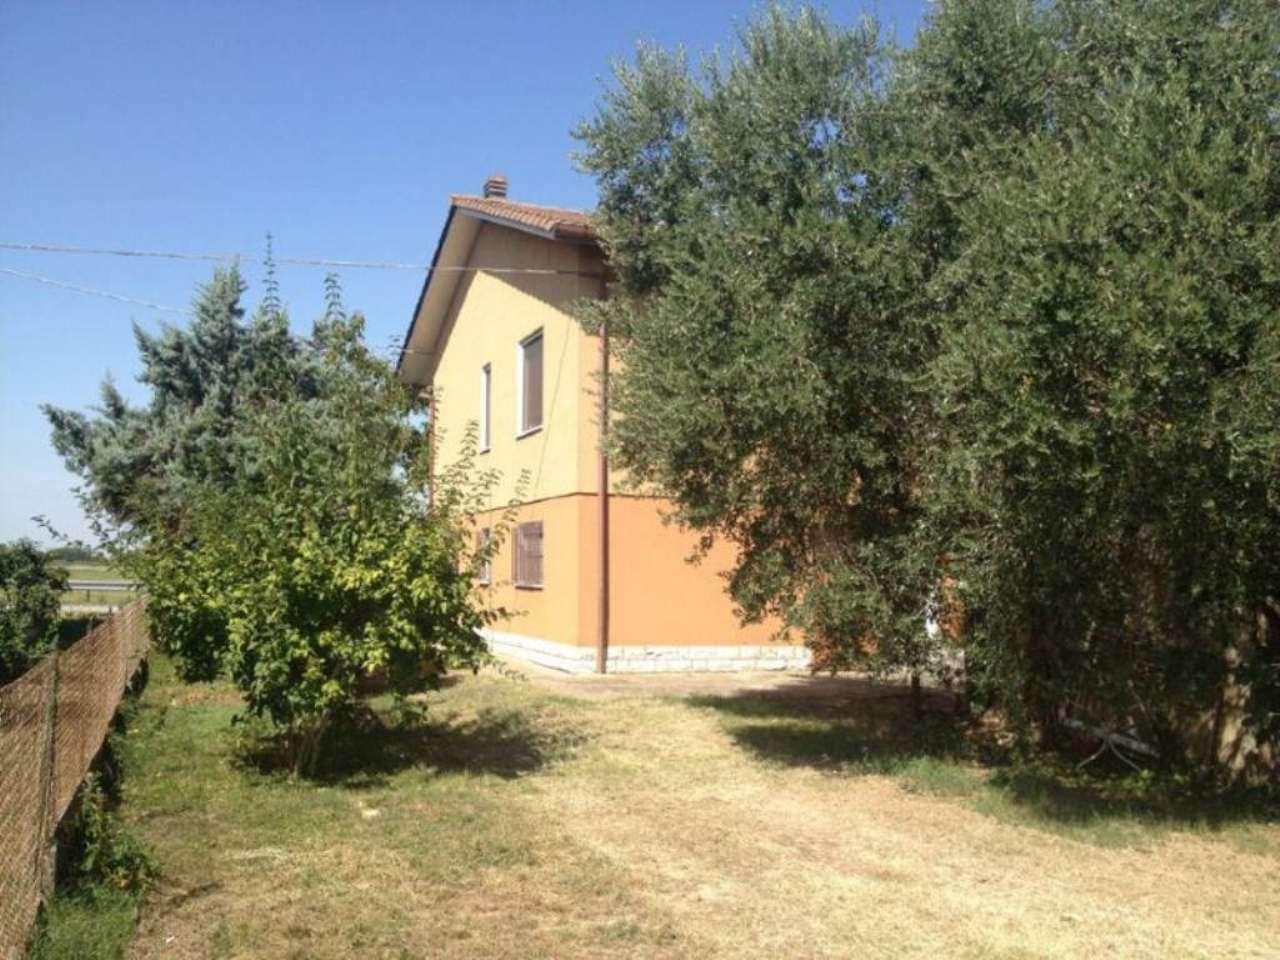 Soluzione Indipendente in vendita a Ravenna, 5 locali, prezzo € 280.000 | Cambio Casa.it